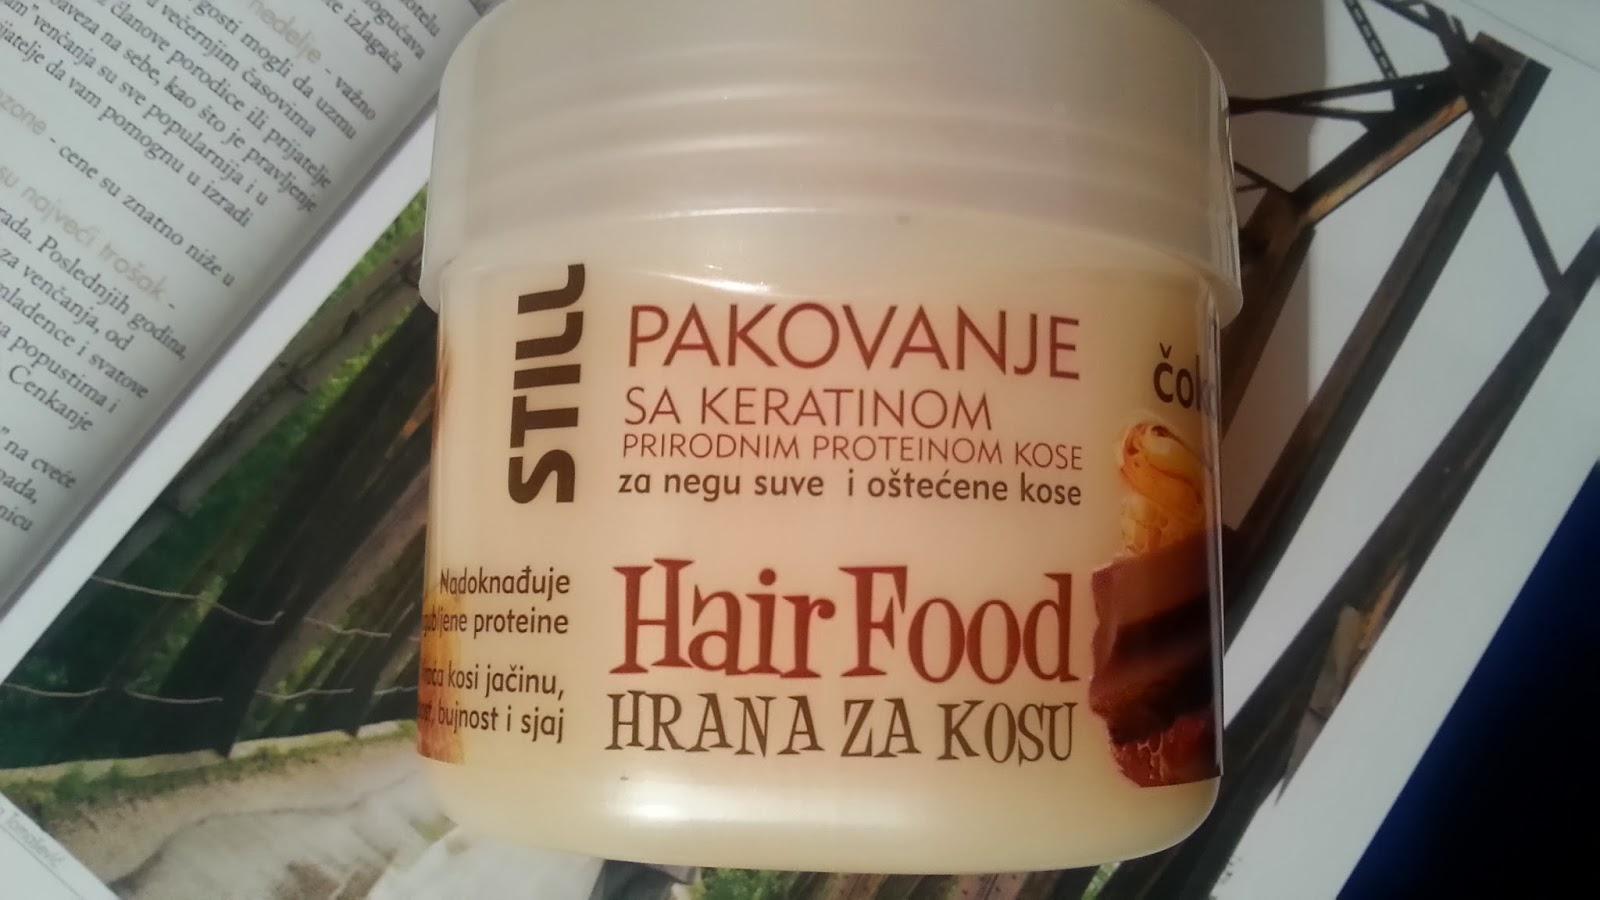 Serial keratin pakovanje za kosu